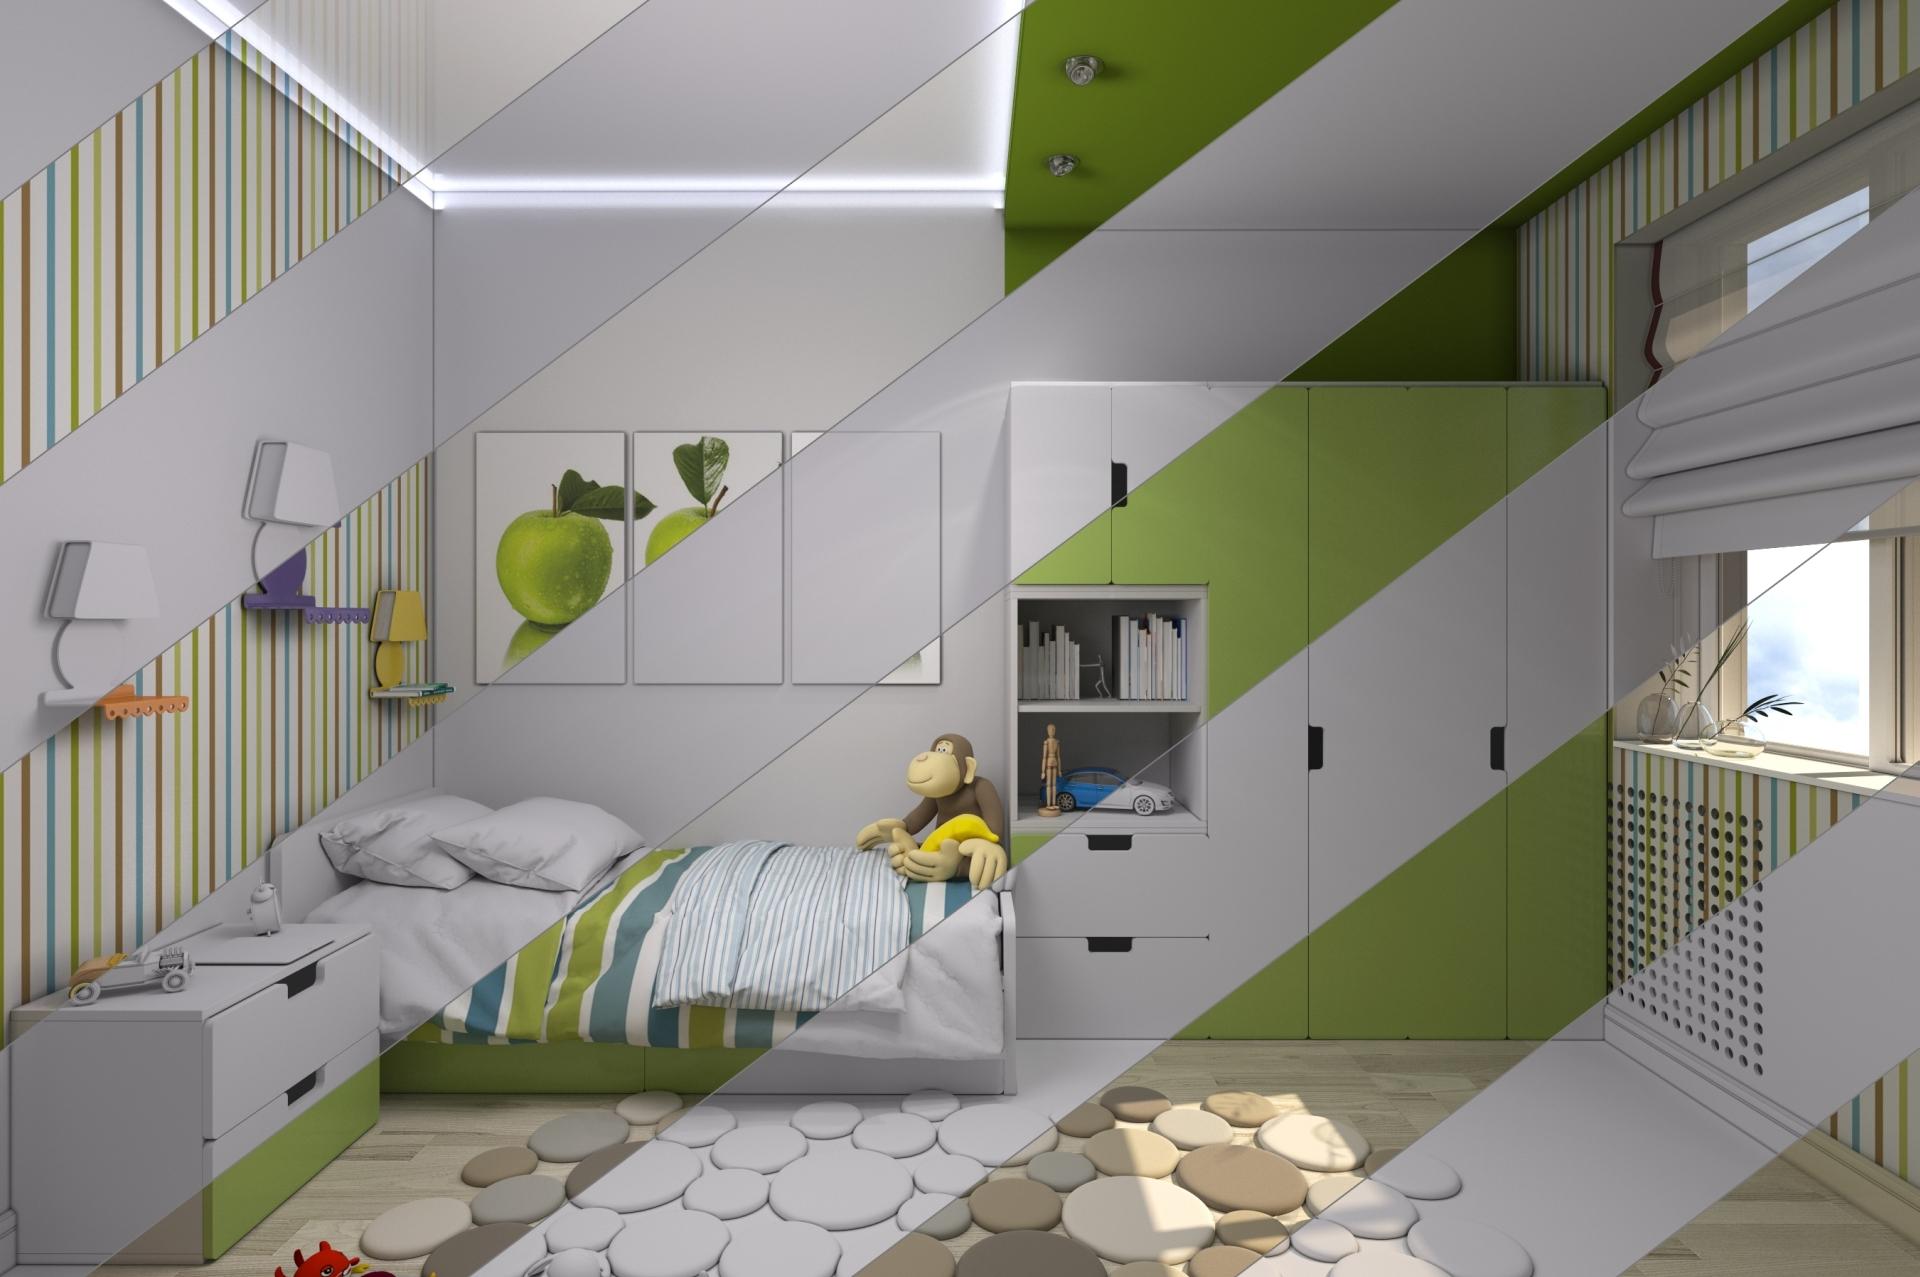 Raamdecoratie door Marc Gijbels van IDS Interieur 05